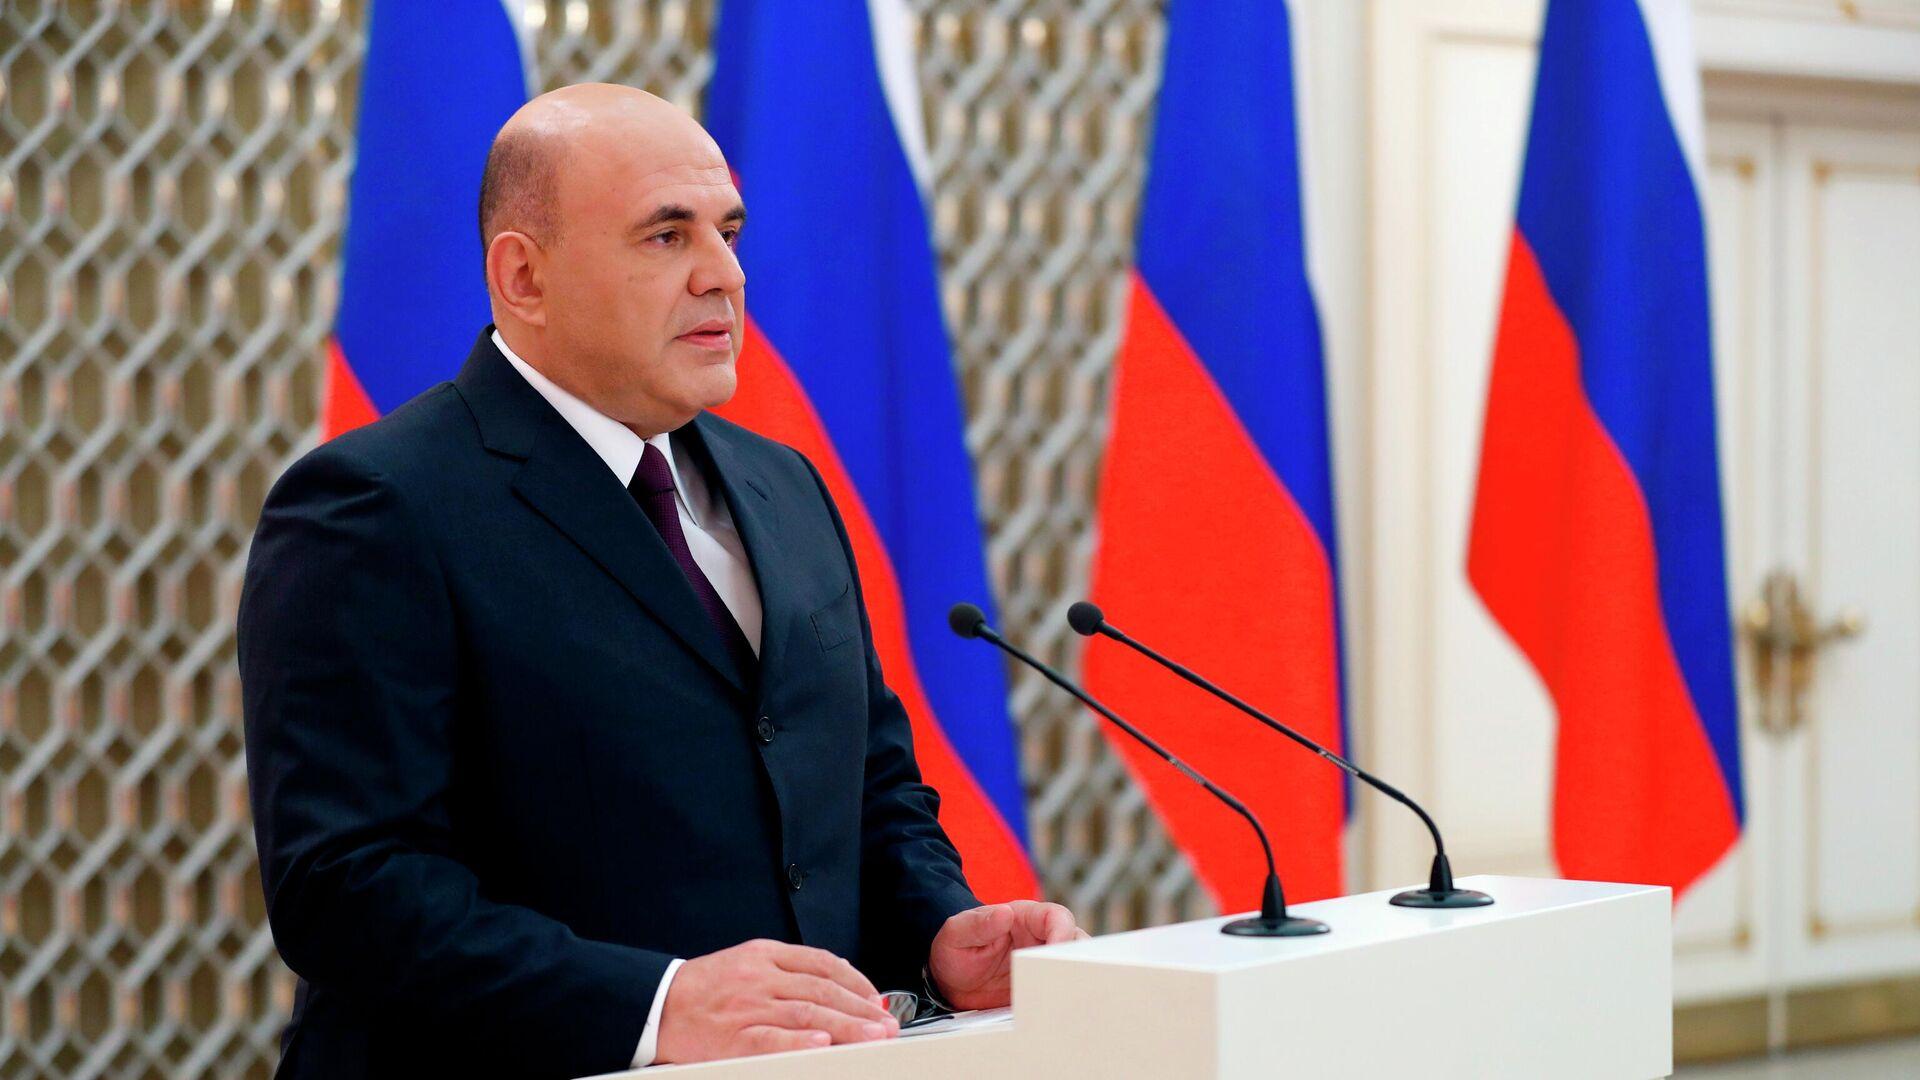 Мишустин заявил, что Россия всегда жила под санкциями